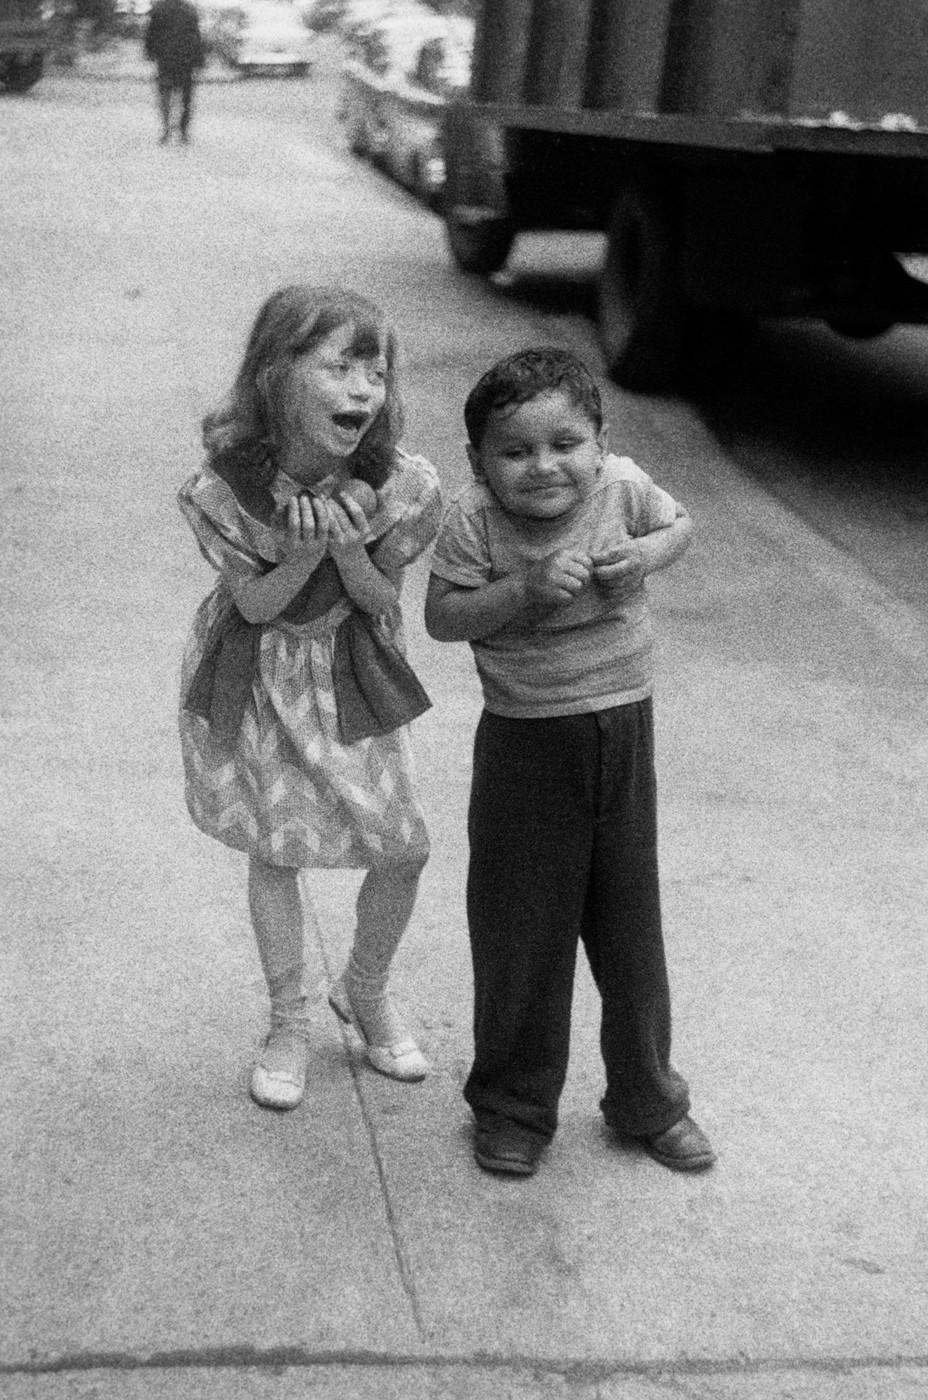 Ребенок дразнит другого, Нью-Йорк, 1960. Фотограф Диана Арбус